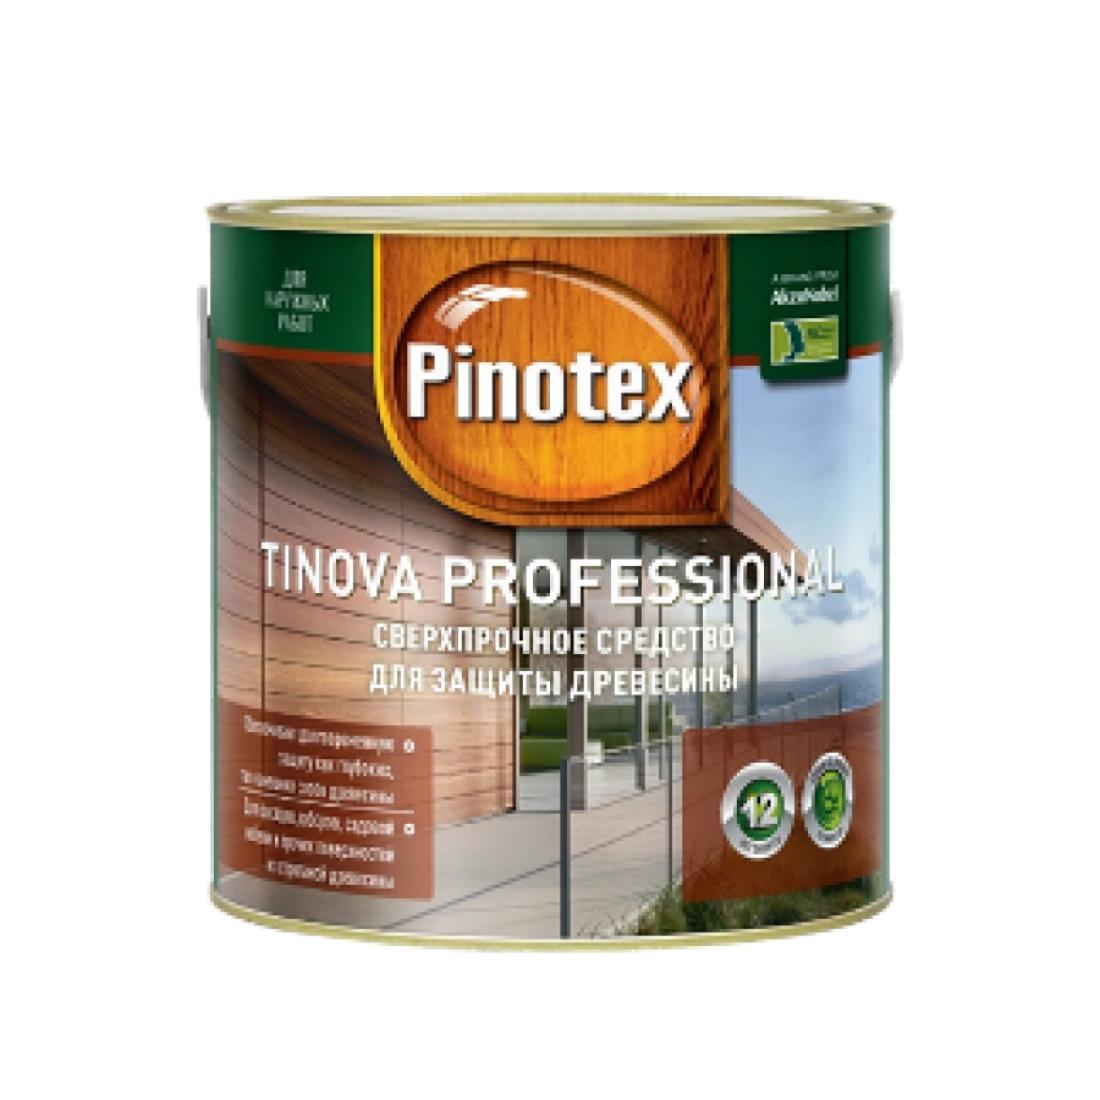 PINOTEX TINOVA цветной антисептик для профессиональной защиты, гарантия 12 лет! (5л) Махагон